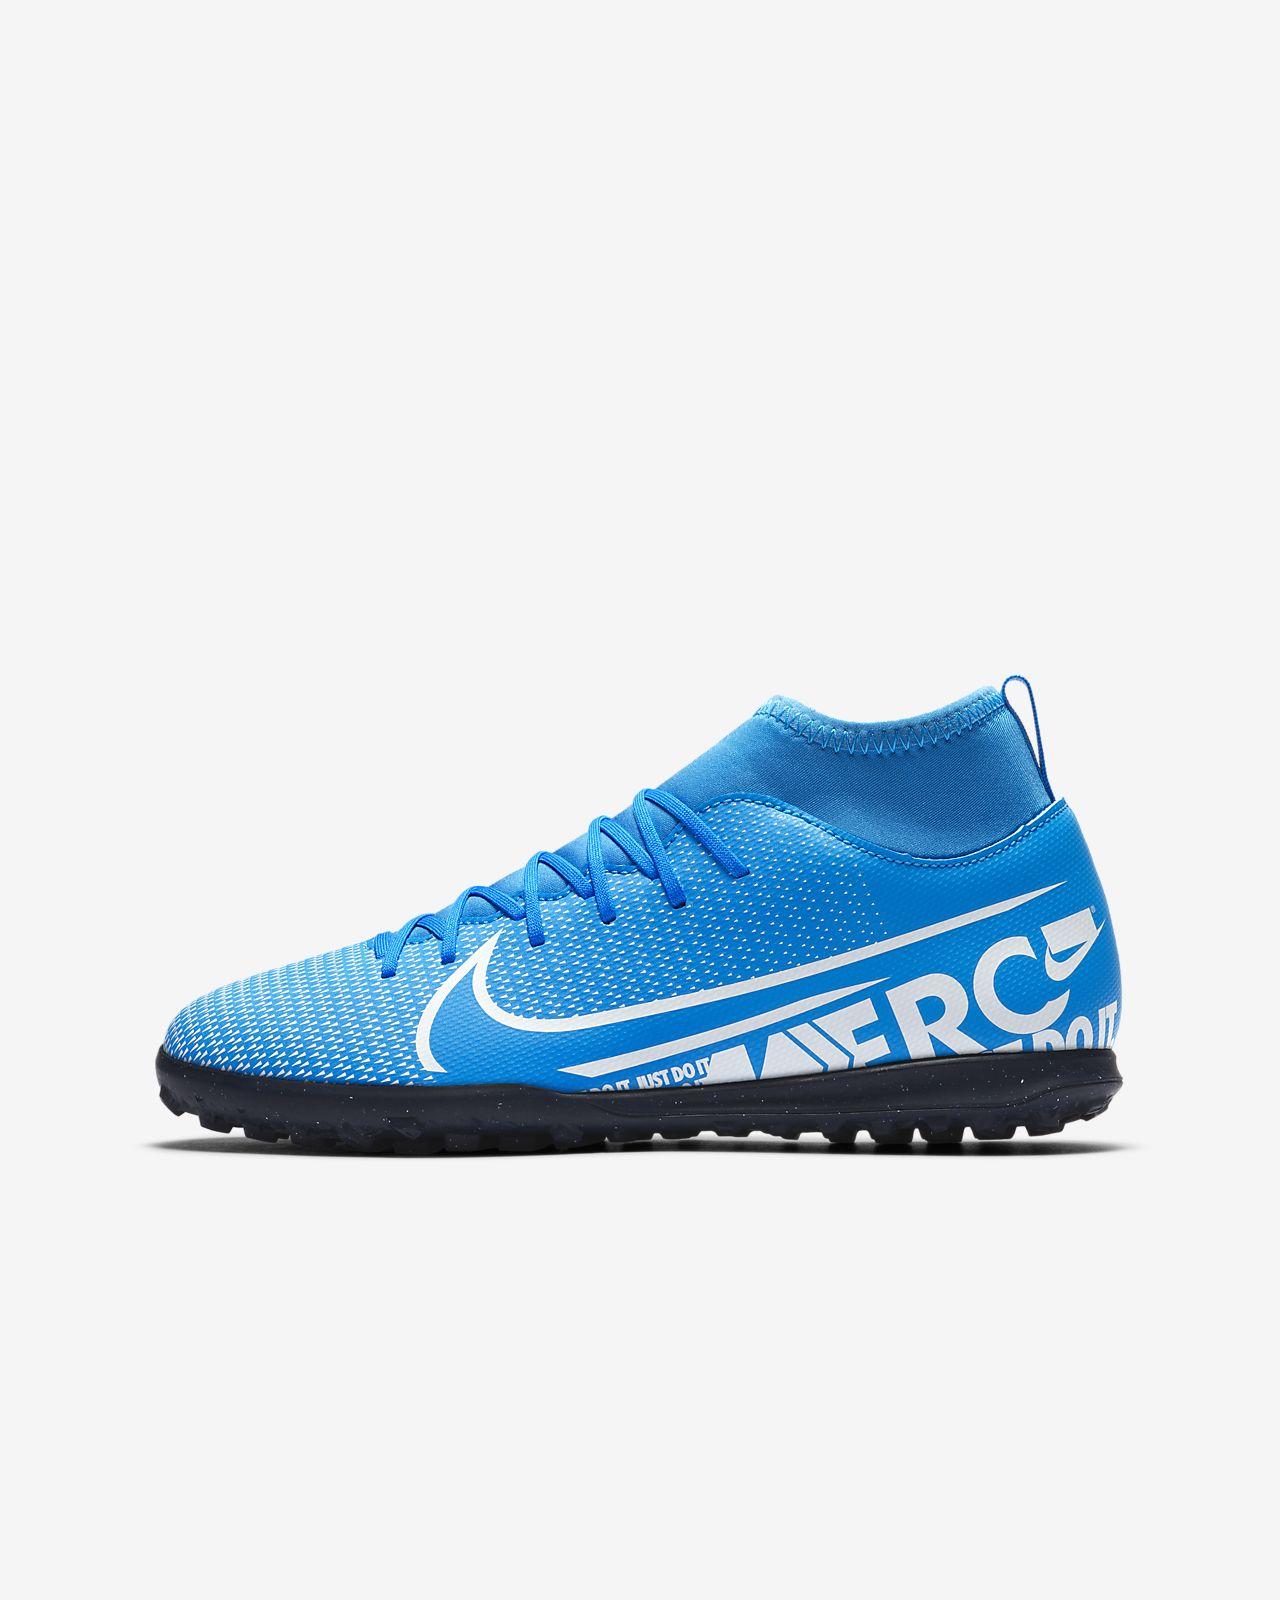 Sapatilhas de futebol para relva artificial Nike Jr. Mercurial Superfly 7 Club TF para criançaJúnior